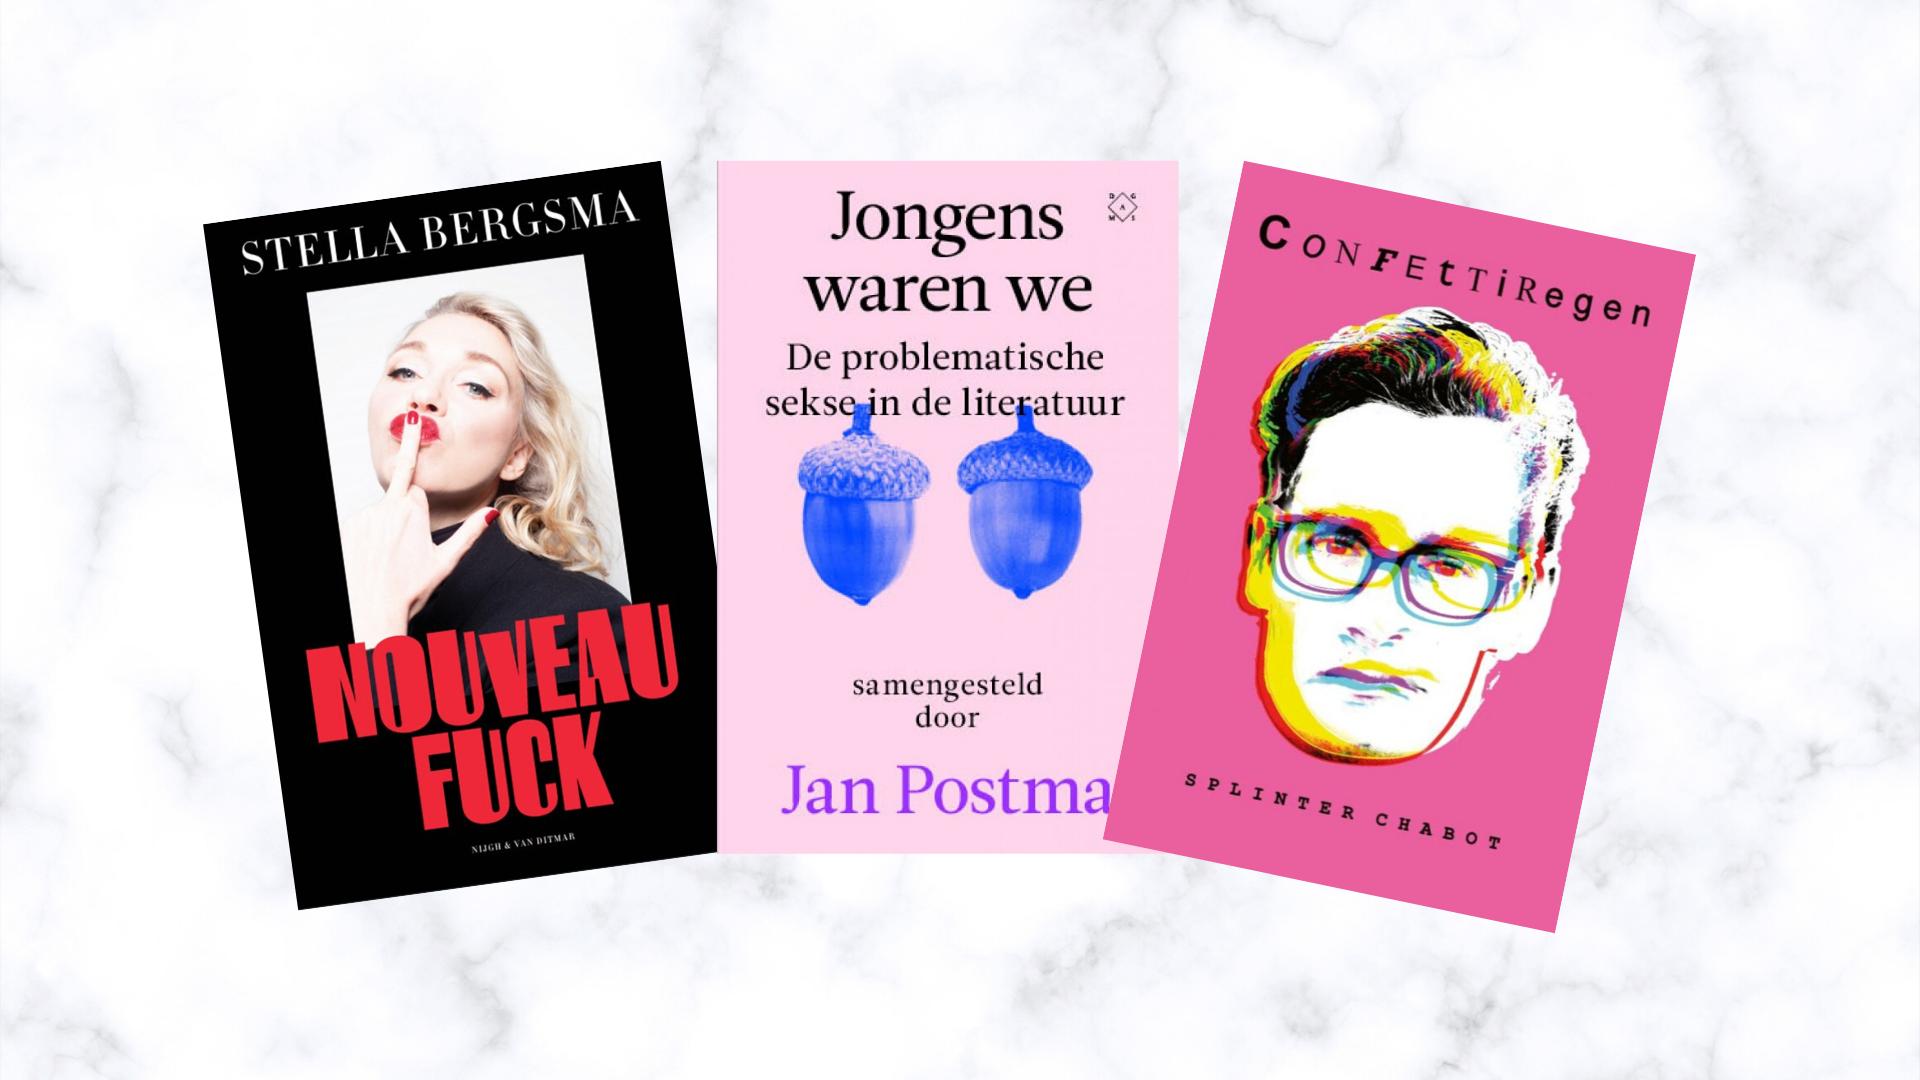 De nieuwe boeken waar ik naar uitkijk in maart